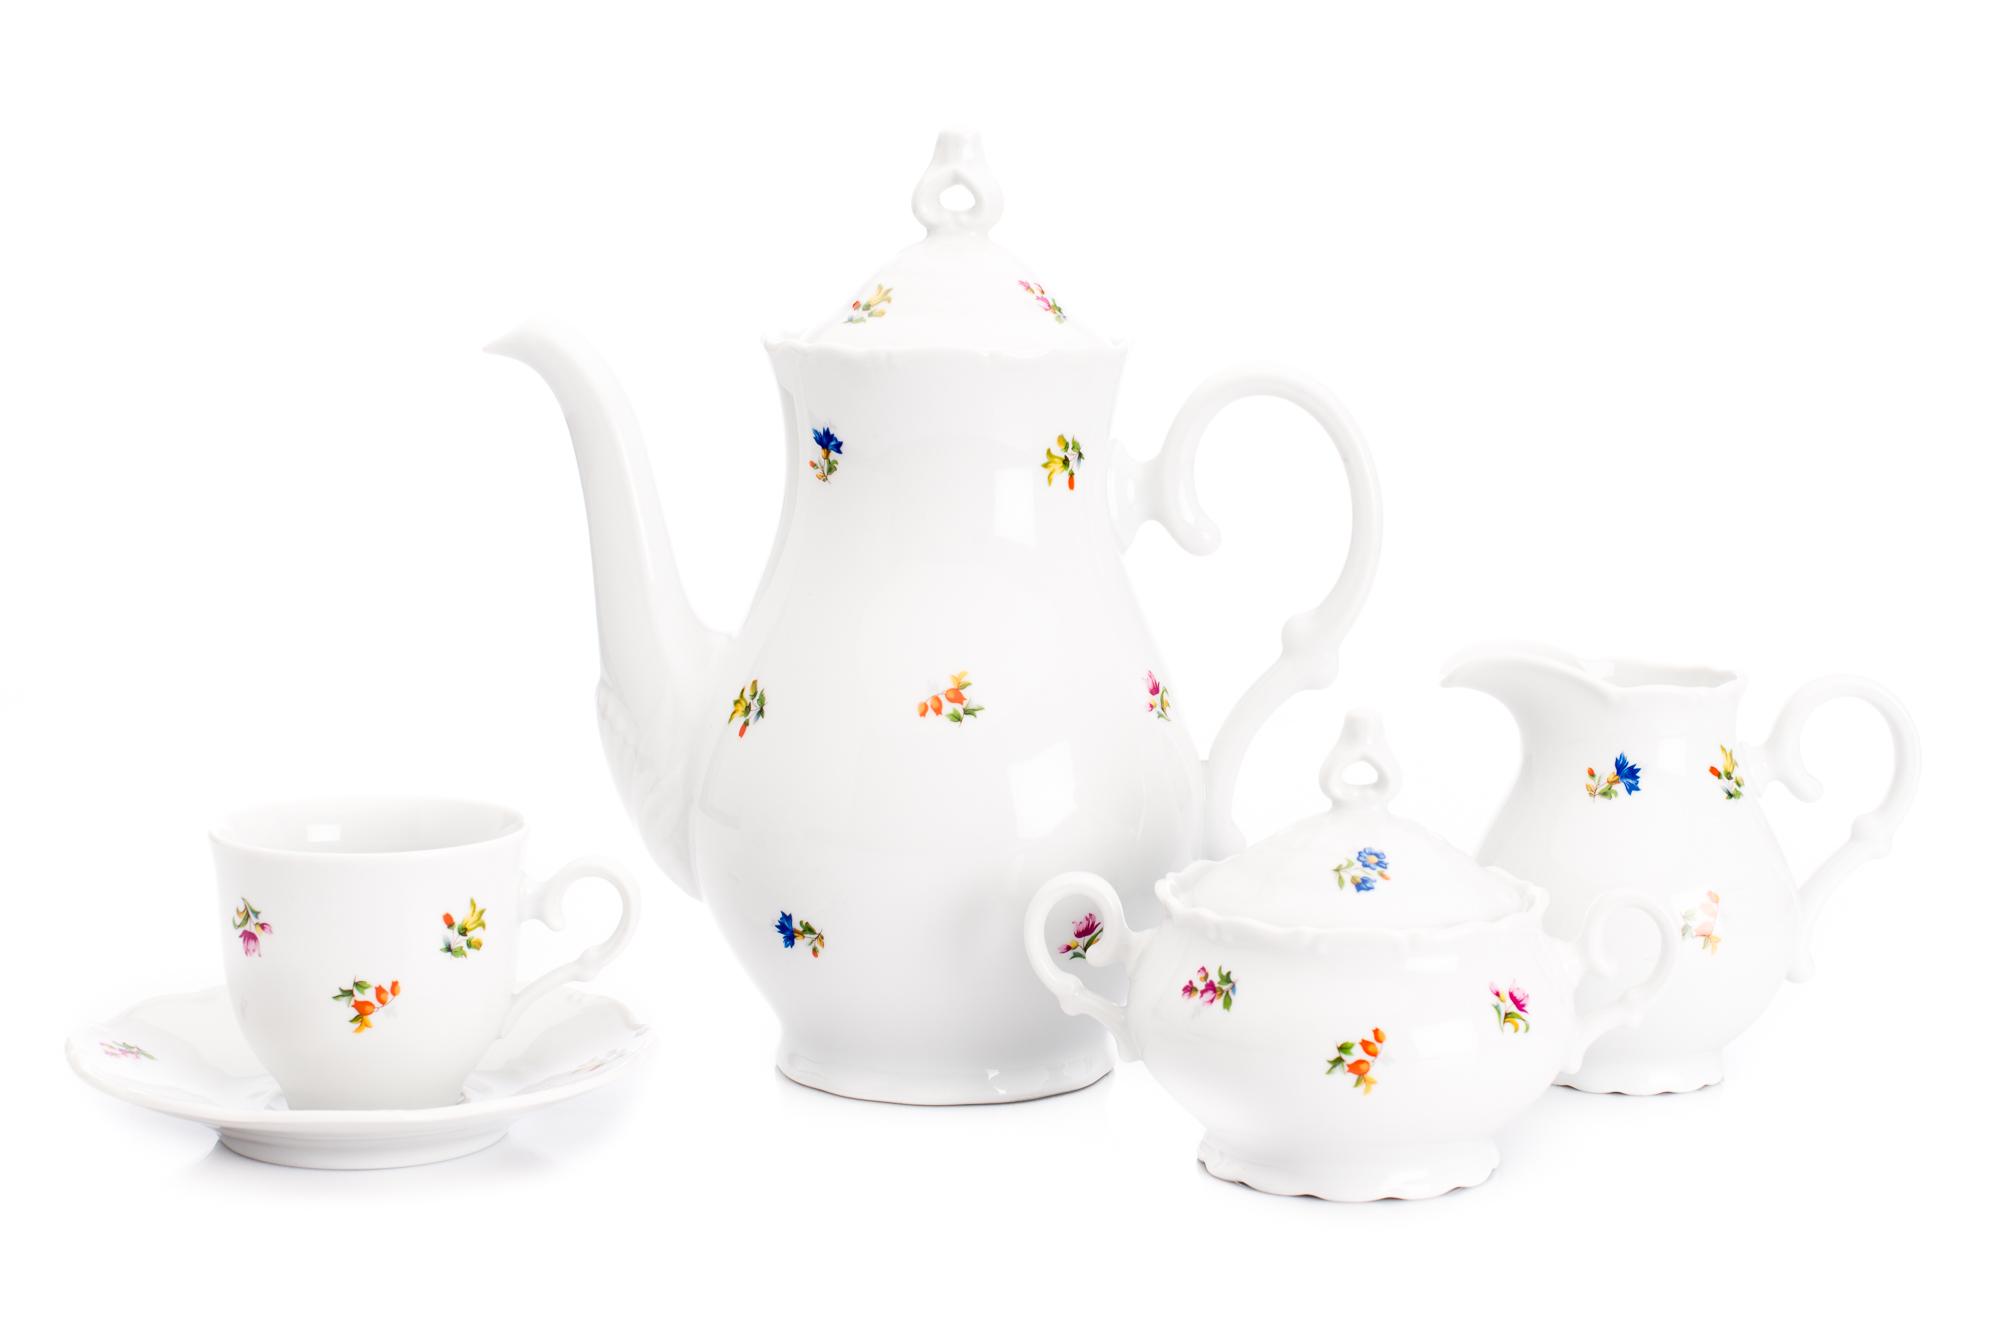 Kávová souprava, karlovarský porcelán, Stará Role, Ofélie, házenka, 15 dílná